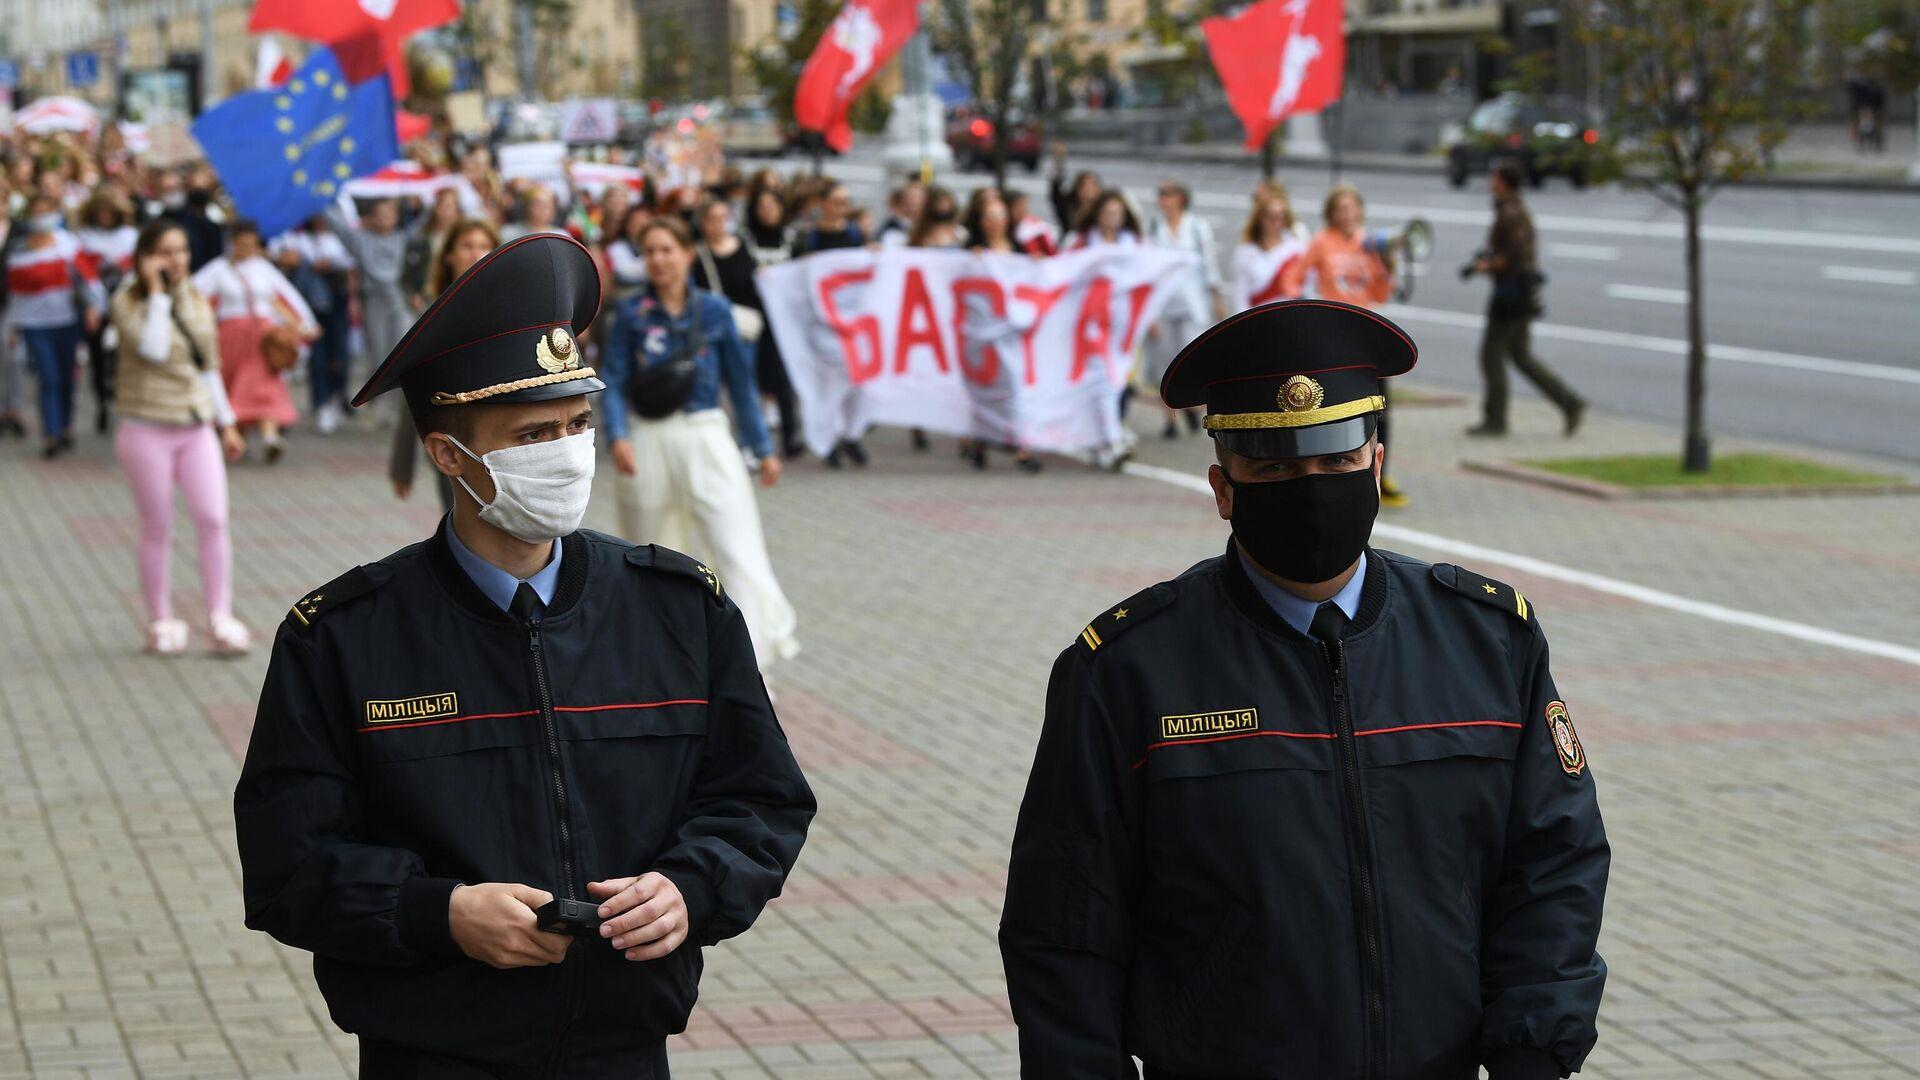 Сотрудники правоохранительных органов во время протестной акции женщин в Минске - РИА Новости, 1920, 06.09.2020